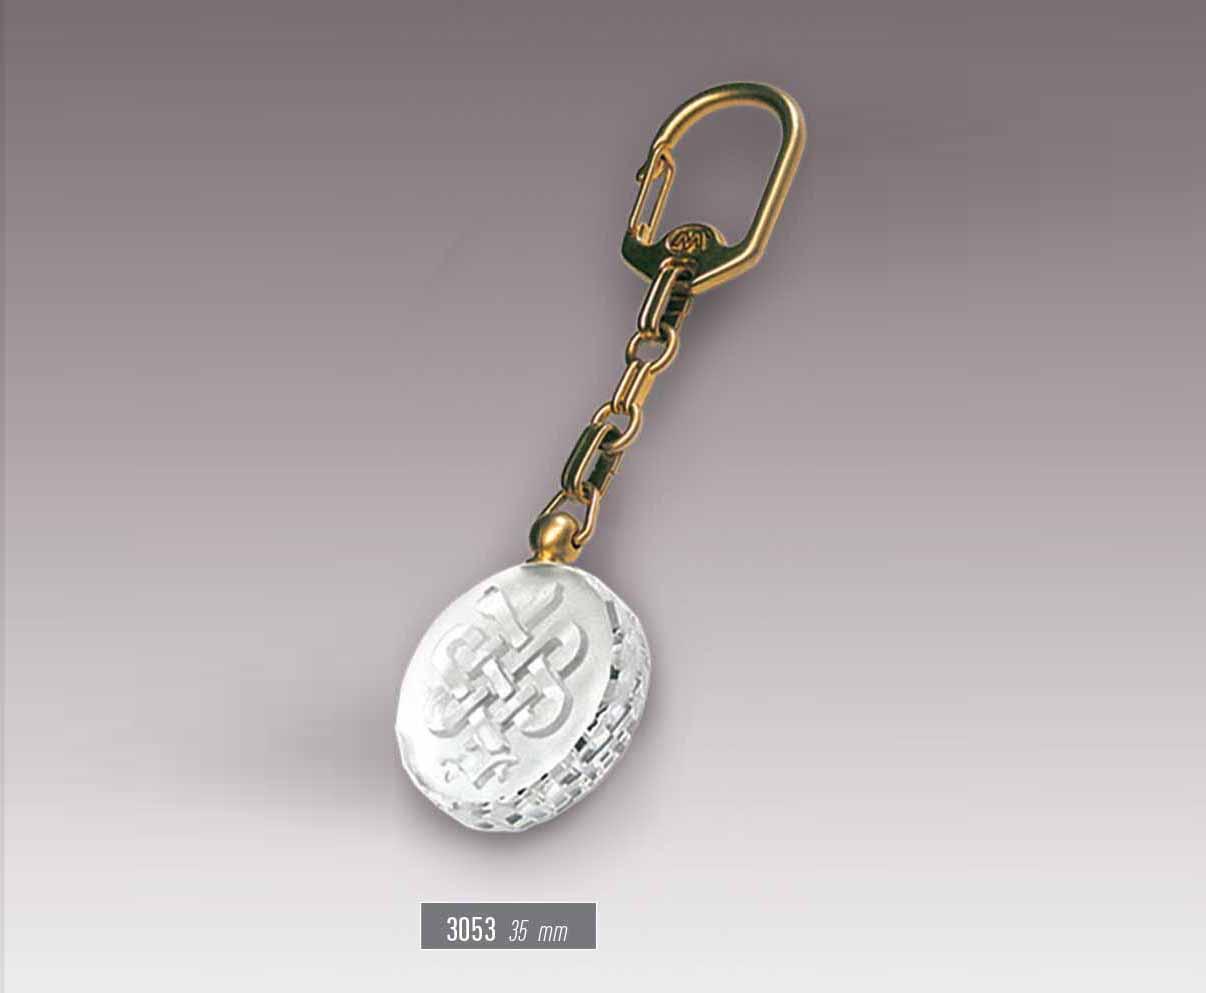 3053 - Keyholder